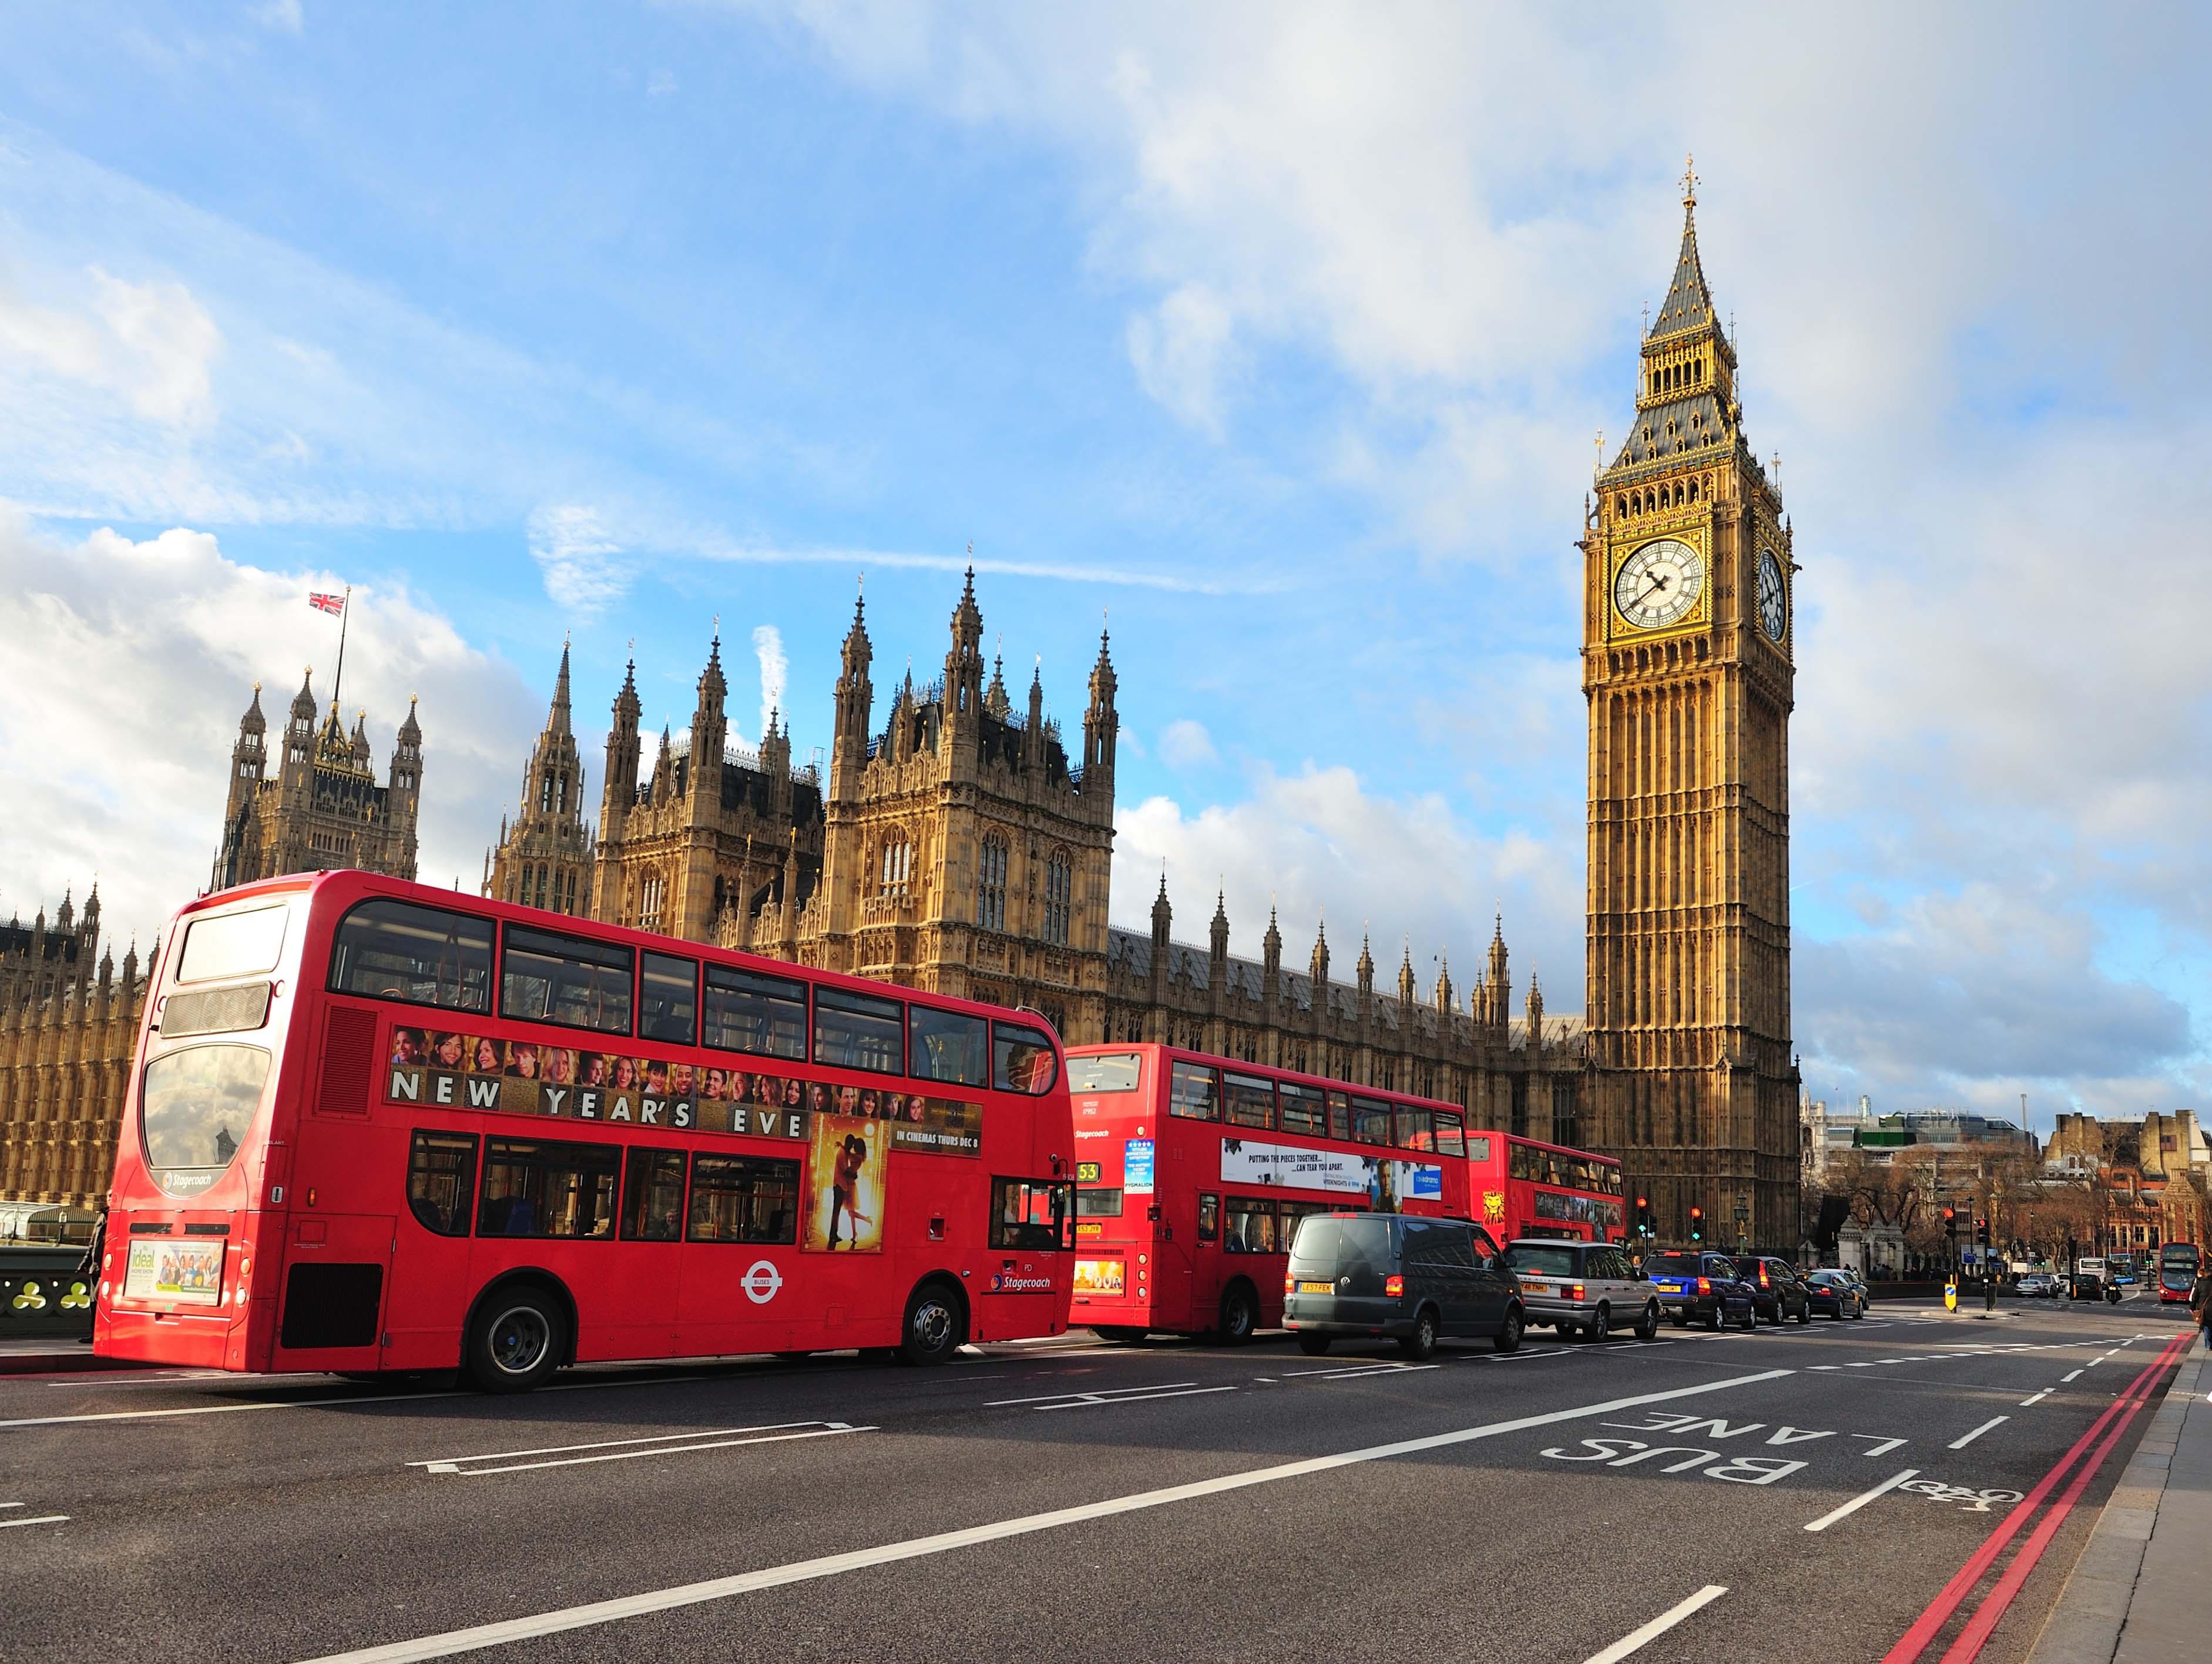 Dificuldades e benefícios de se morar em Londres